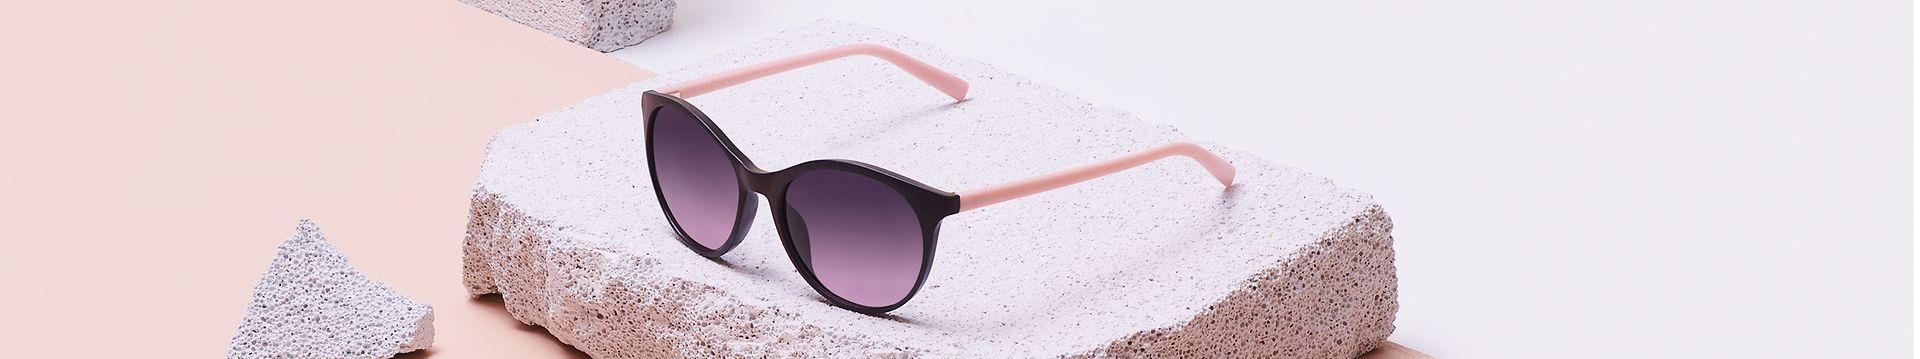 112021 - Women - tc banner - Sluneční brýle (1)